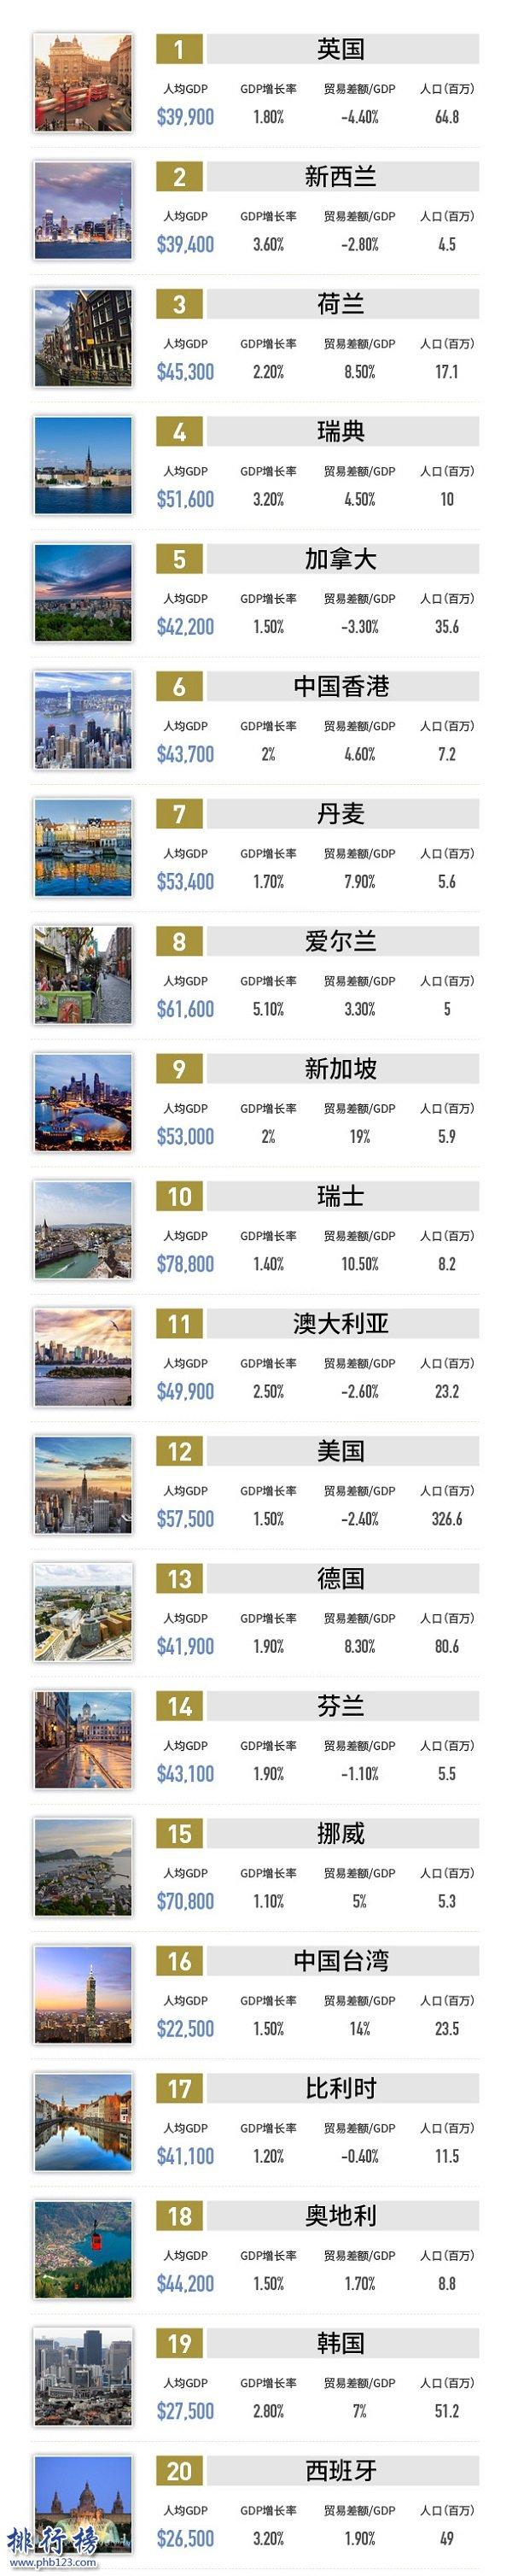 2021年全球最佳商業國家和地區:英國登頂,美國第12中國第66